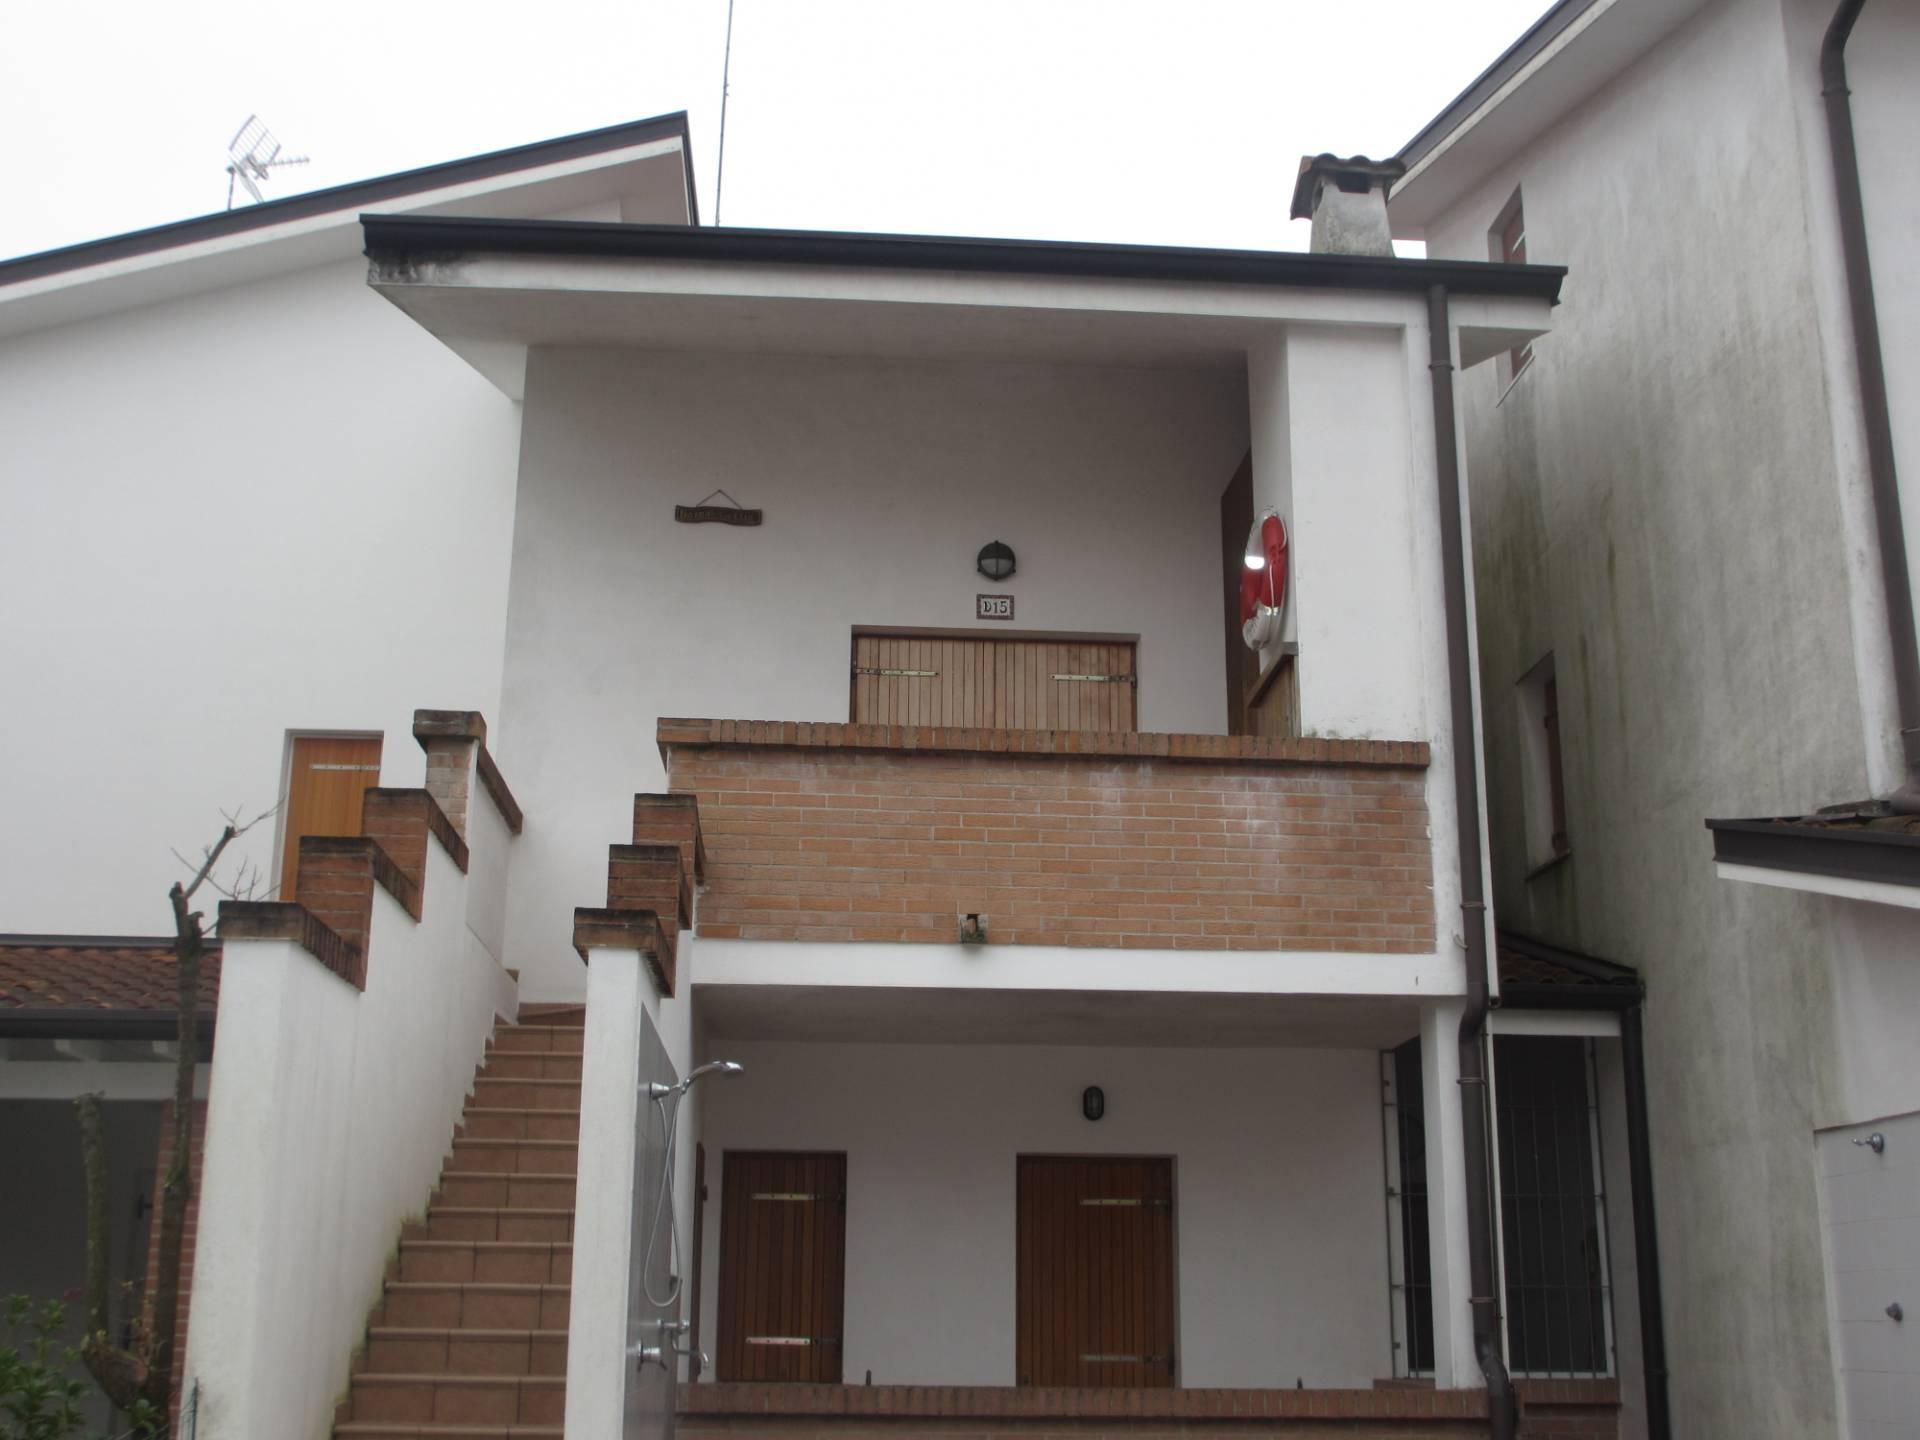 Appartamento in vendita a Eraclea, 4 locali, zona Località: EracleaMare, prezzo € 198.000   CambioCasa.it